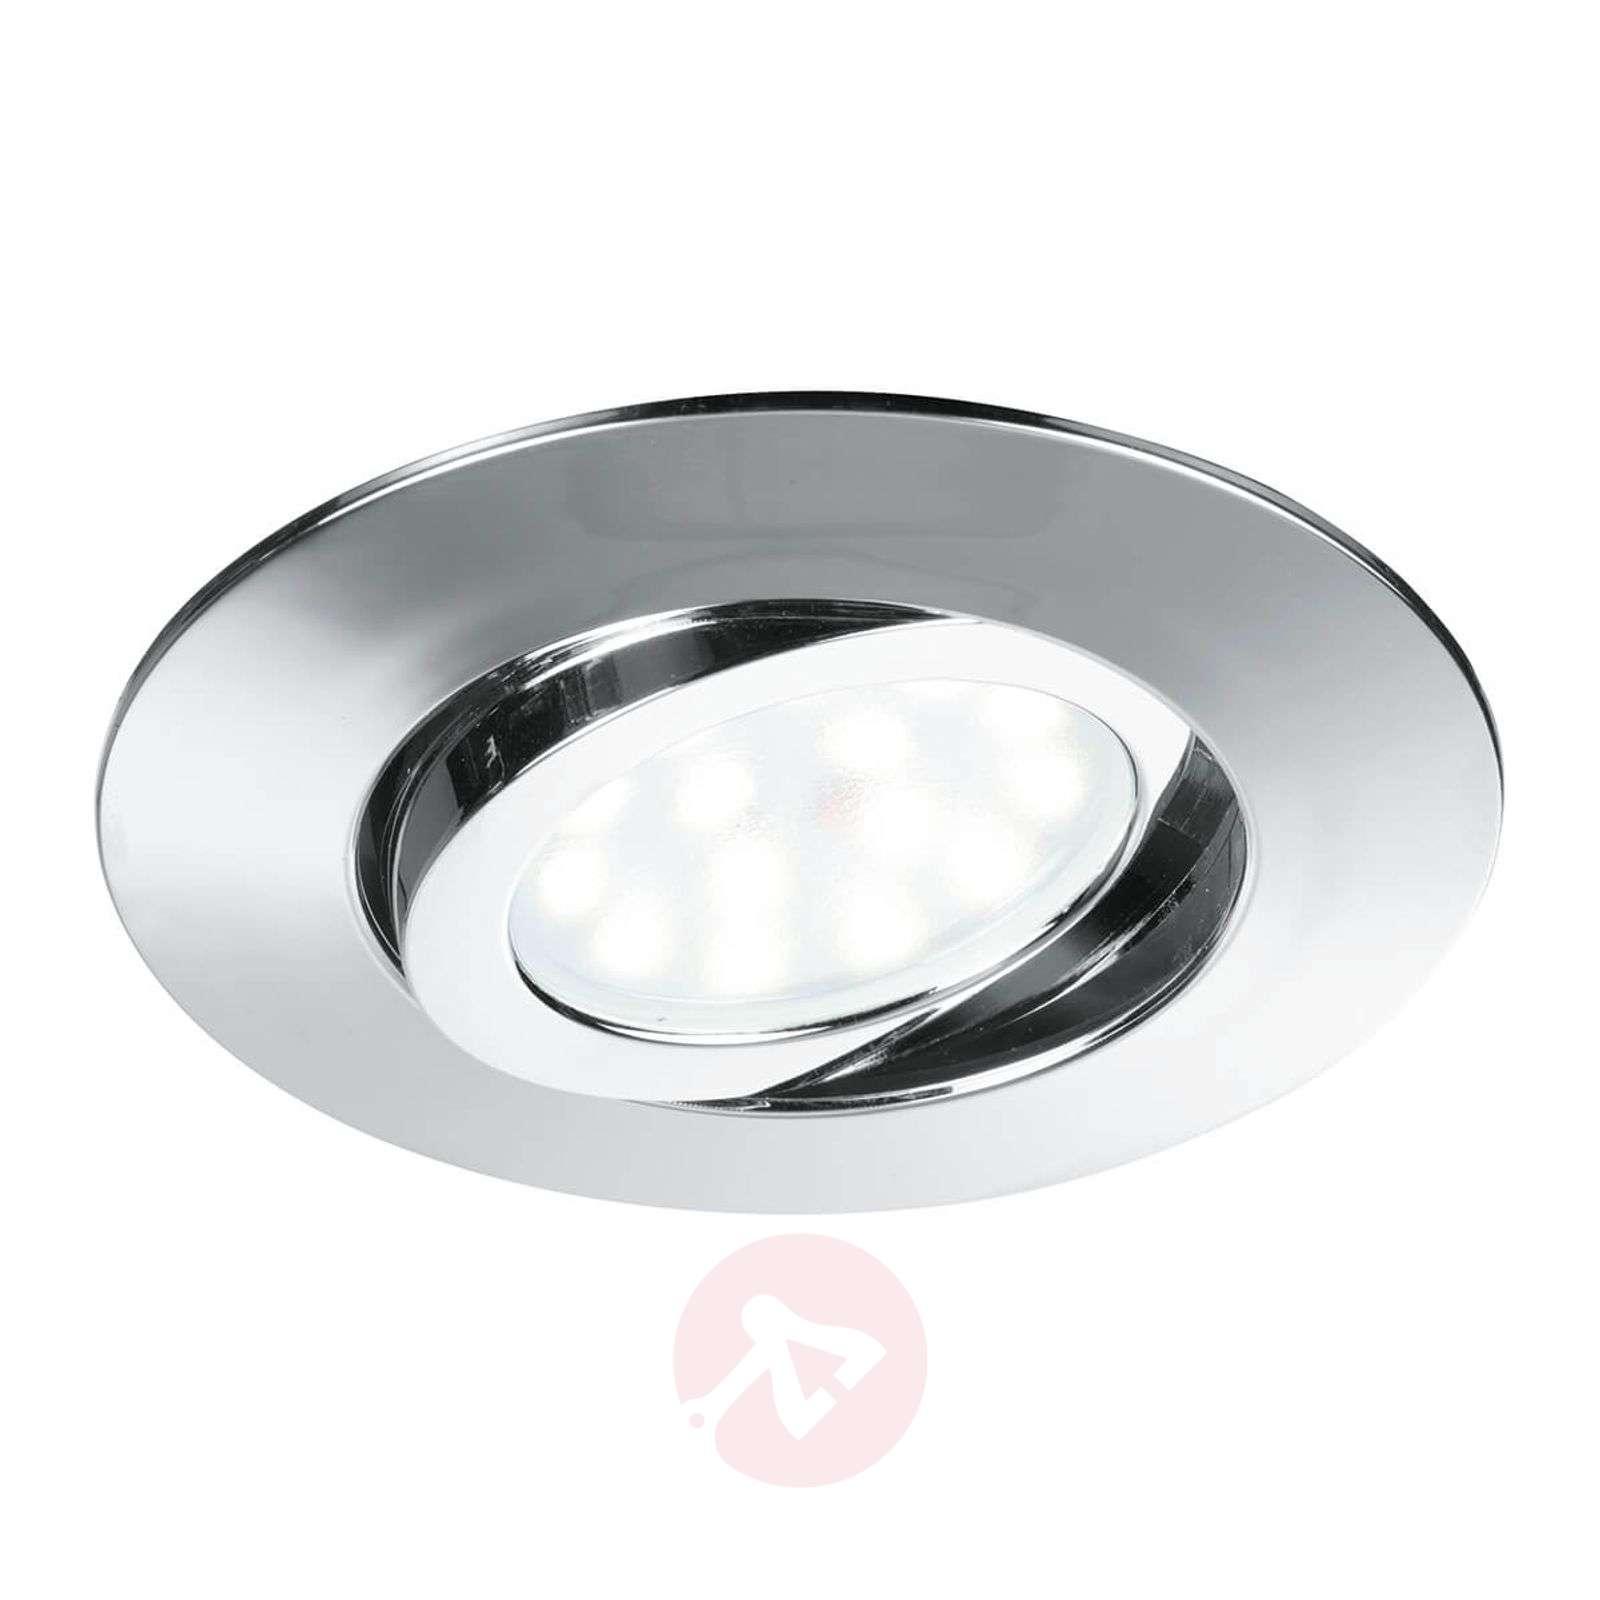 Pivotable LED recessed ceiling spotl. Zenit chrome-3006558-01